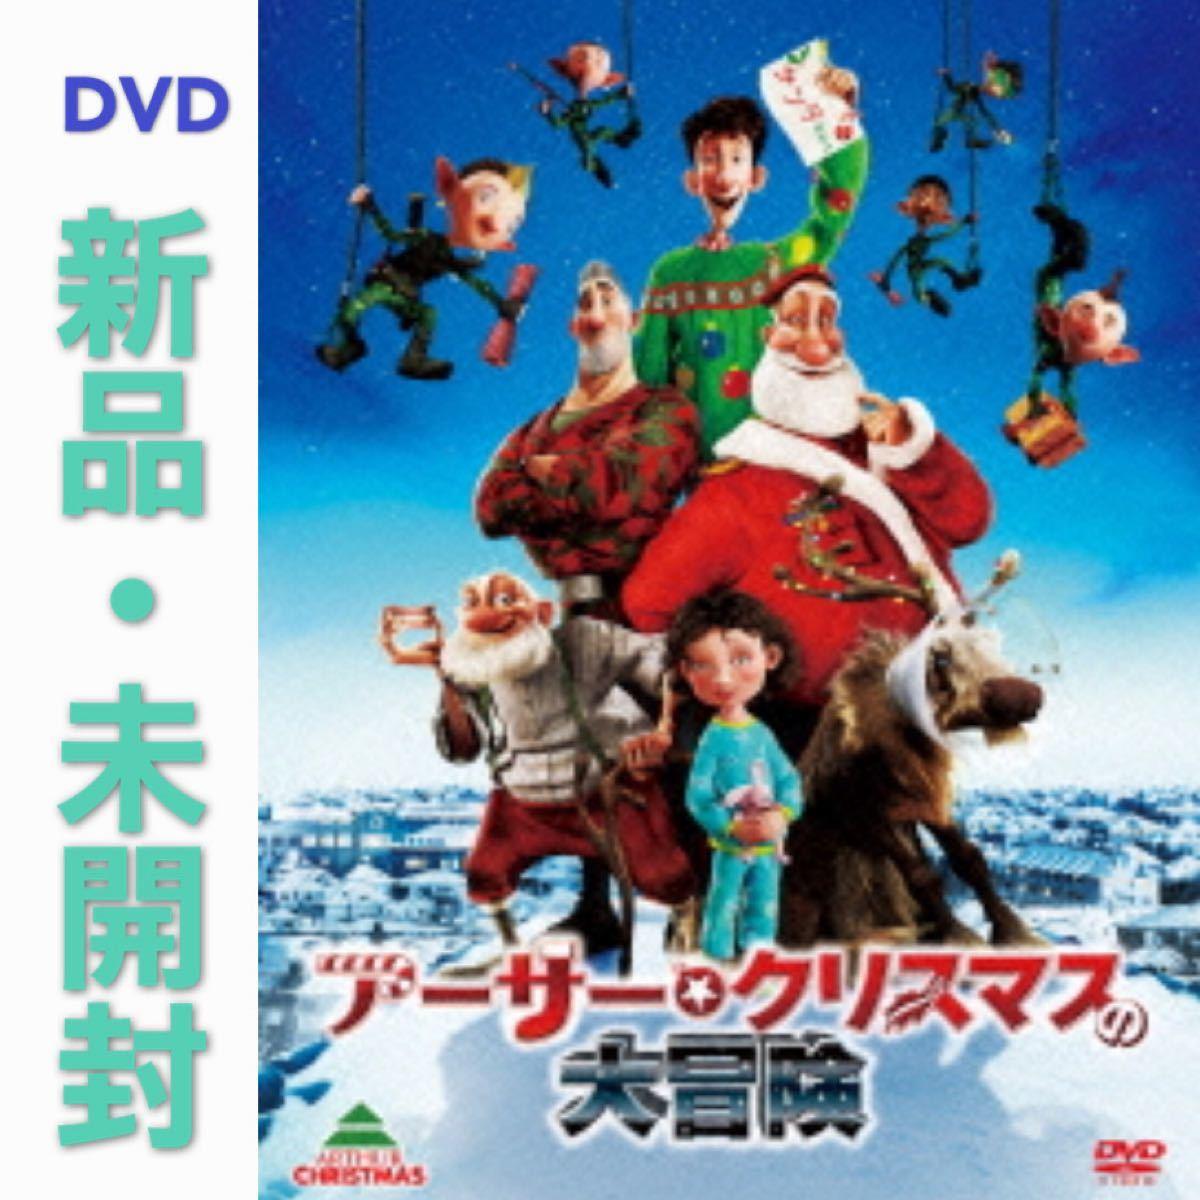 DVD アーサー・クリスマスの大冒険 新品・未開封